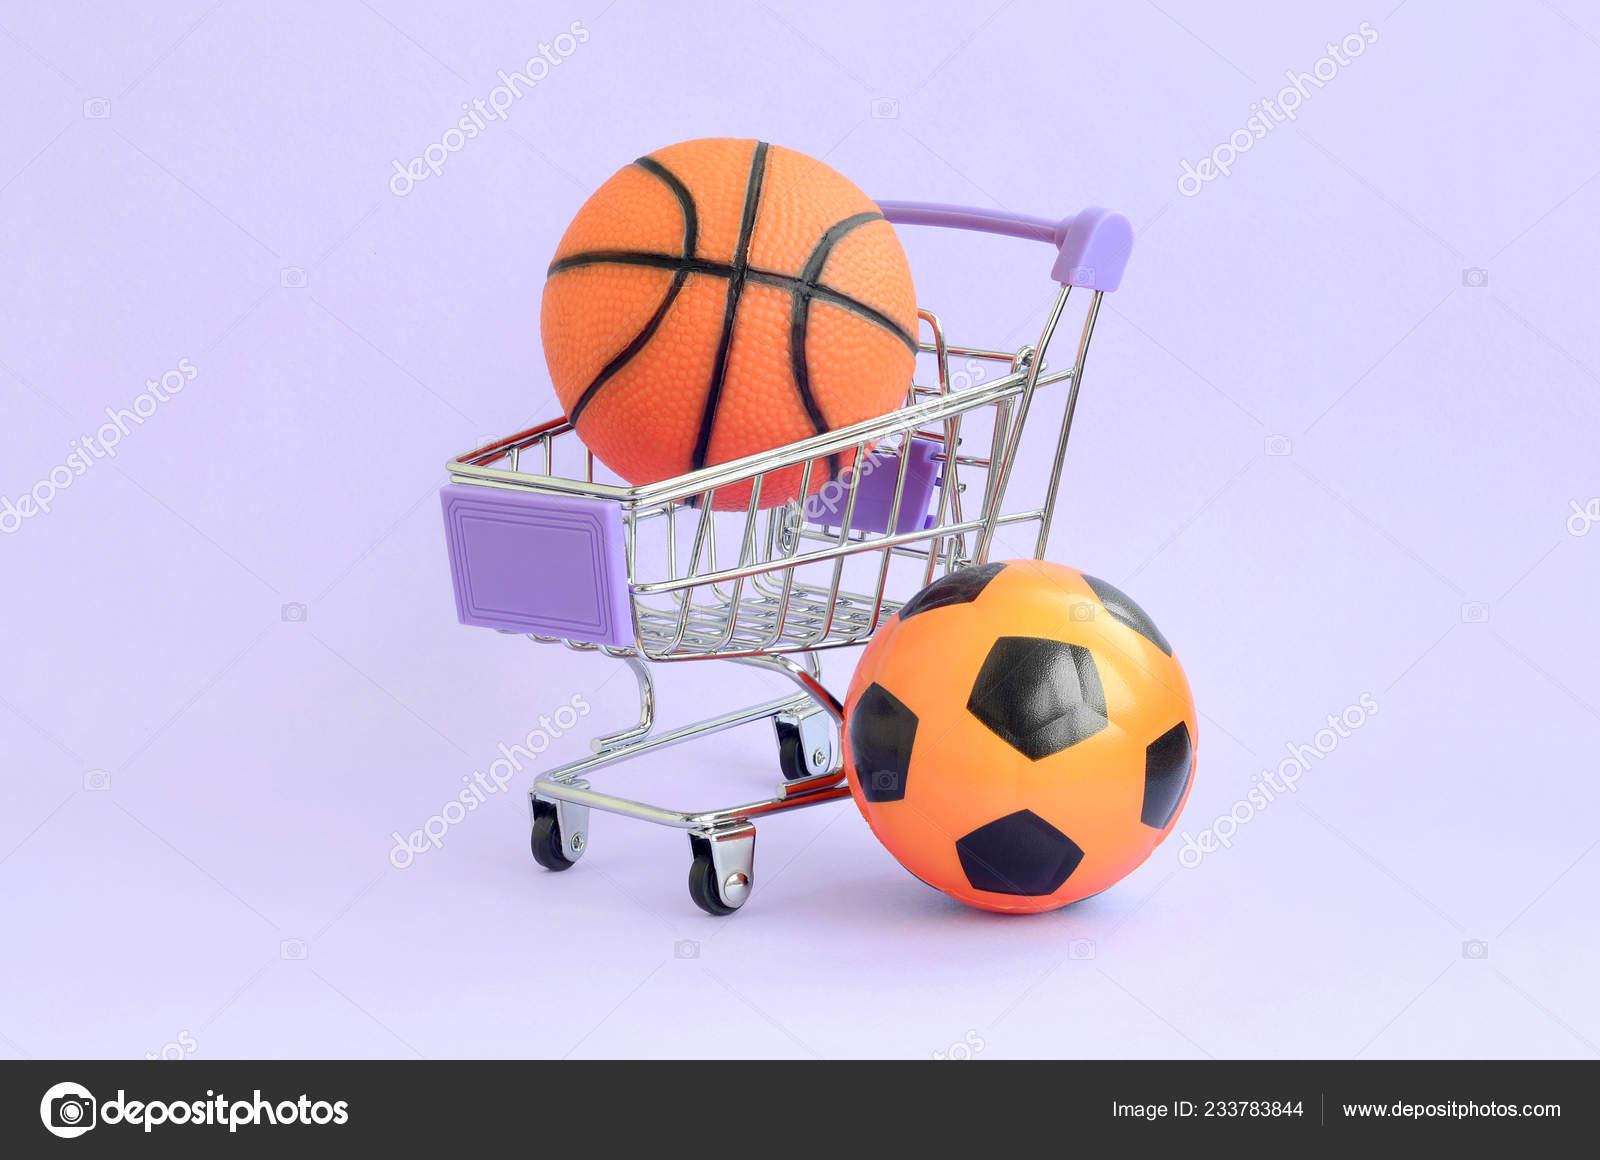 fece38e31 Bola de basquete e futebol laranja no carrinho de compras na violeta. O  conceito de venda de equipamentos esportivos